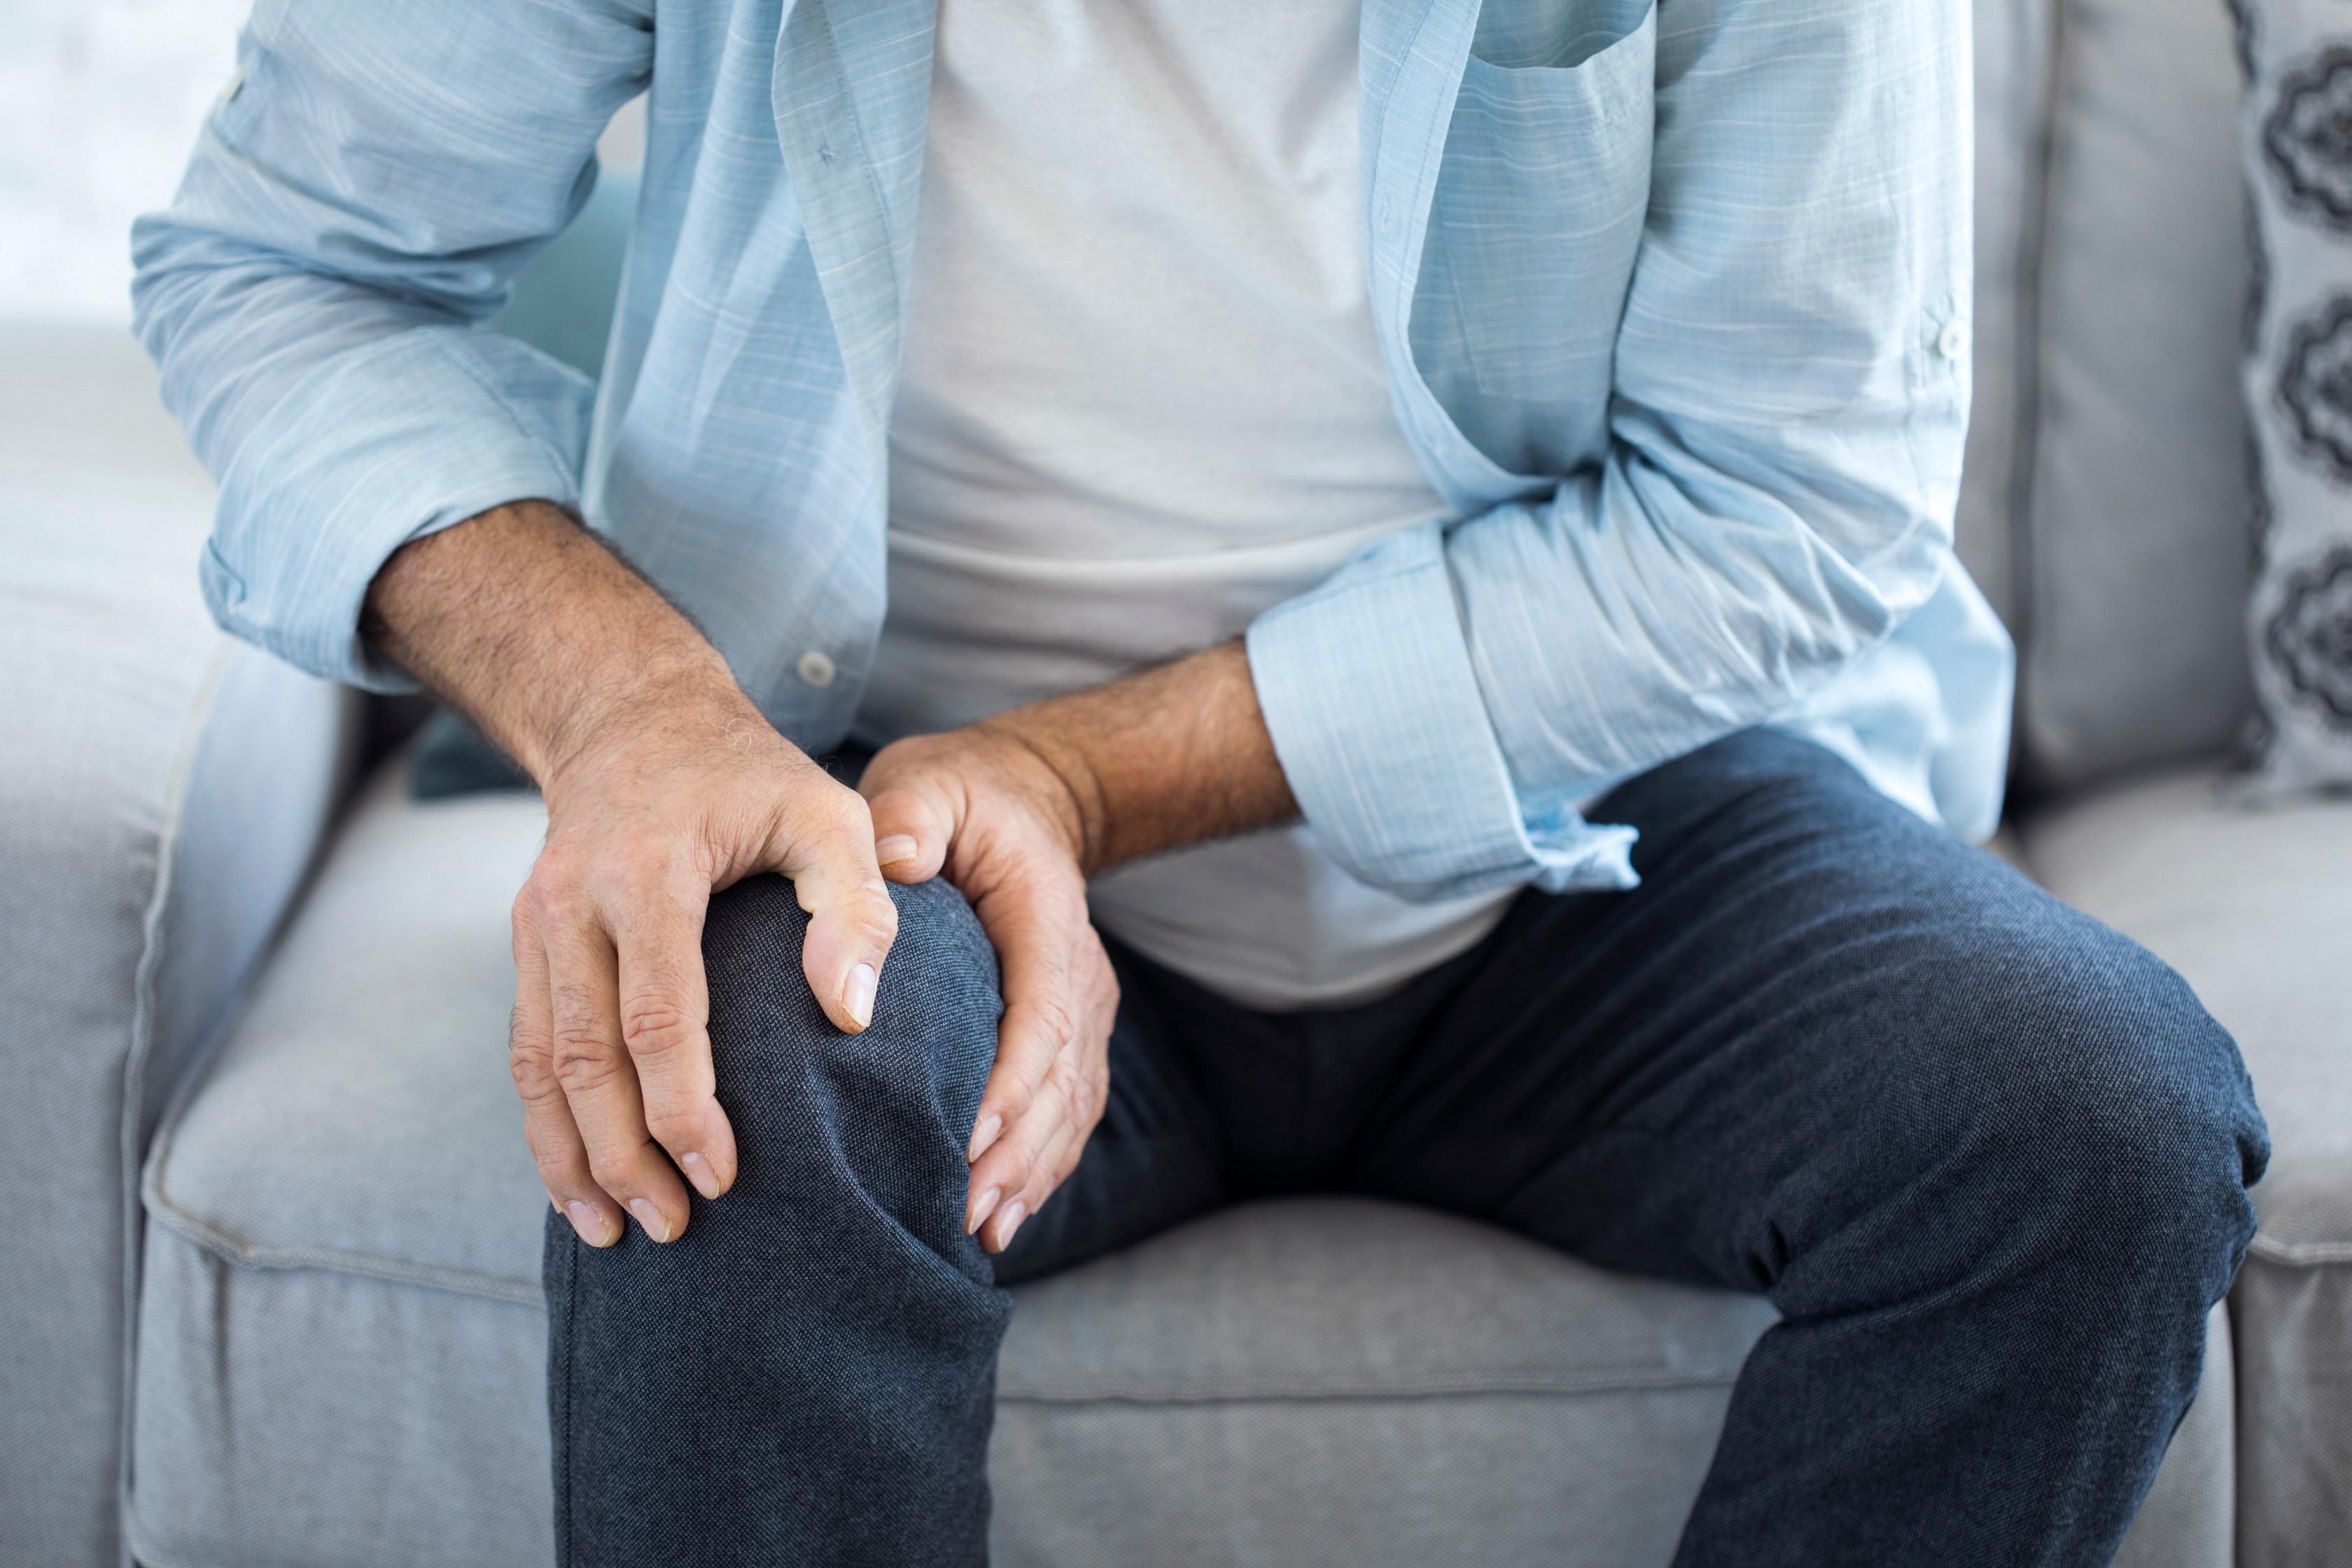 hogyan lehet kezelni a lábszokák fájdalmát